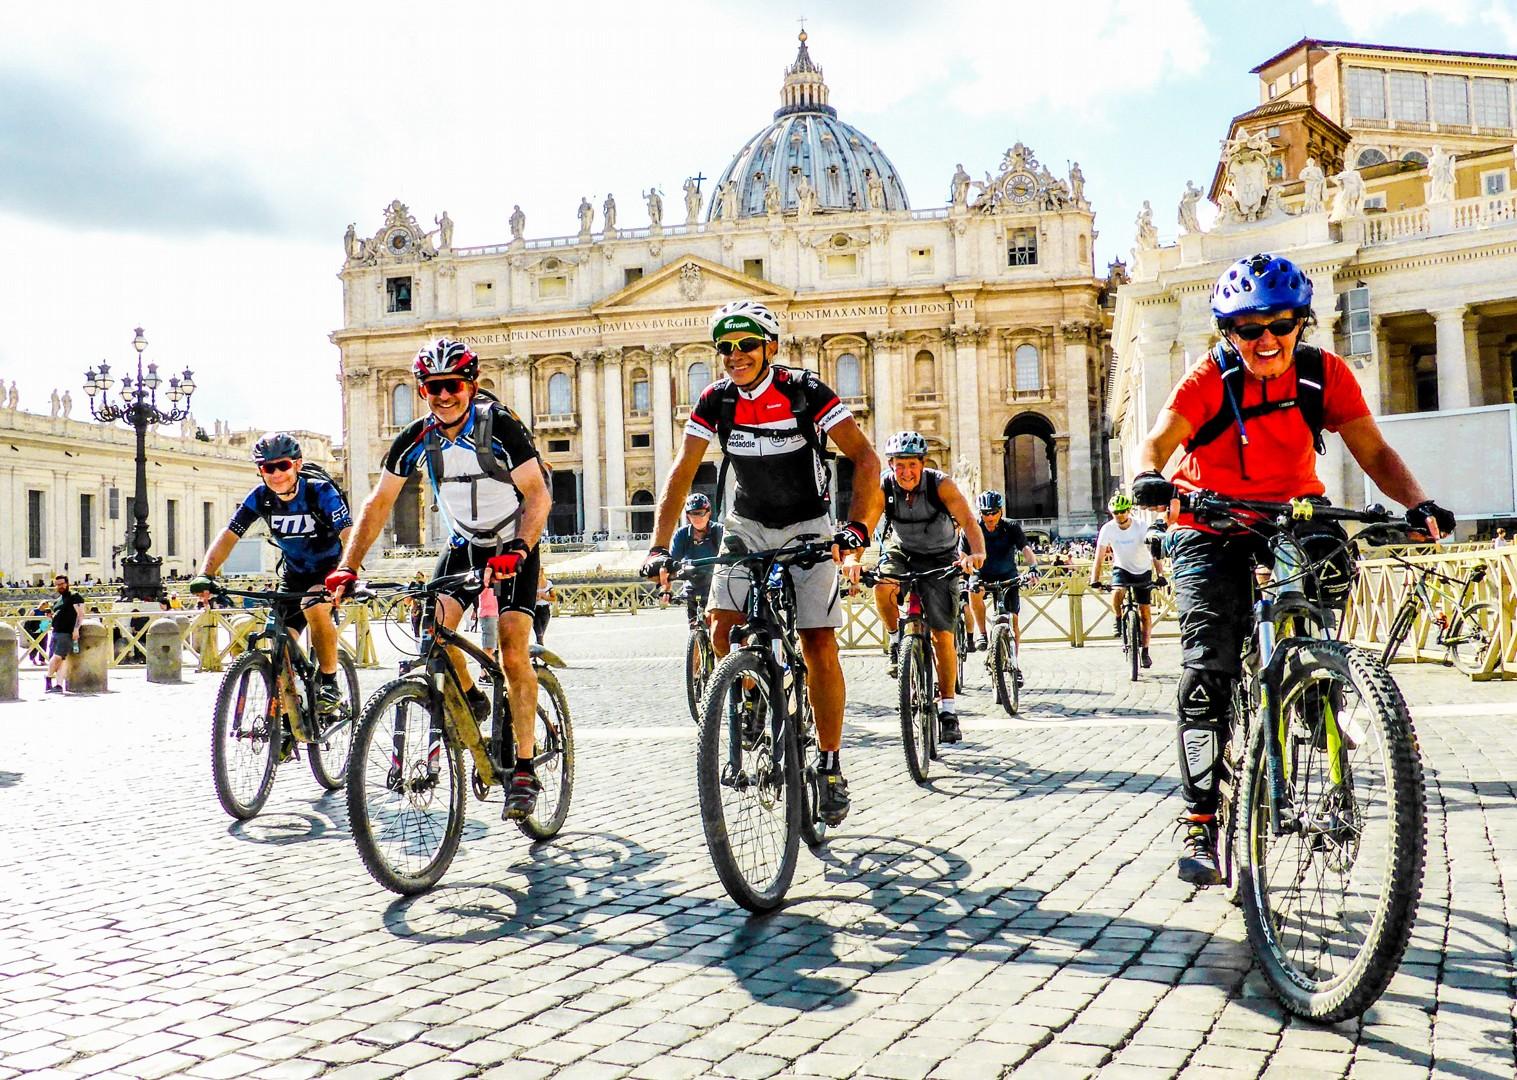 Foto 15-09-17, 16 09 29.jpg - Italy - Via Francigena (Tuscany to Rome) - Guided Mountain Biking Holiday - Italia Mountain Biking